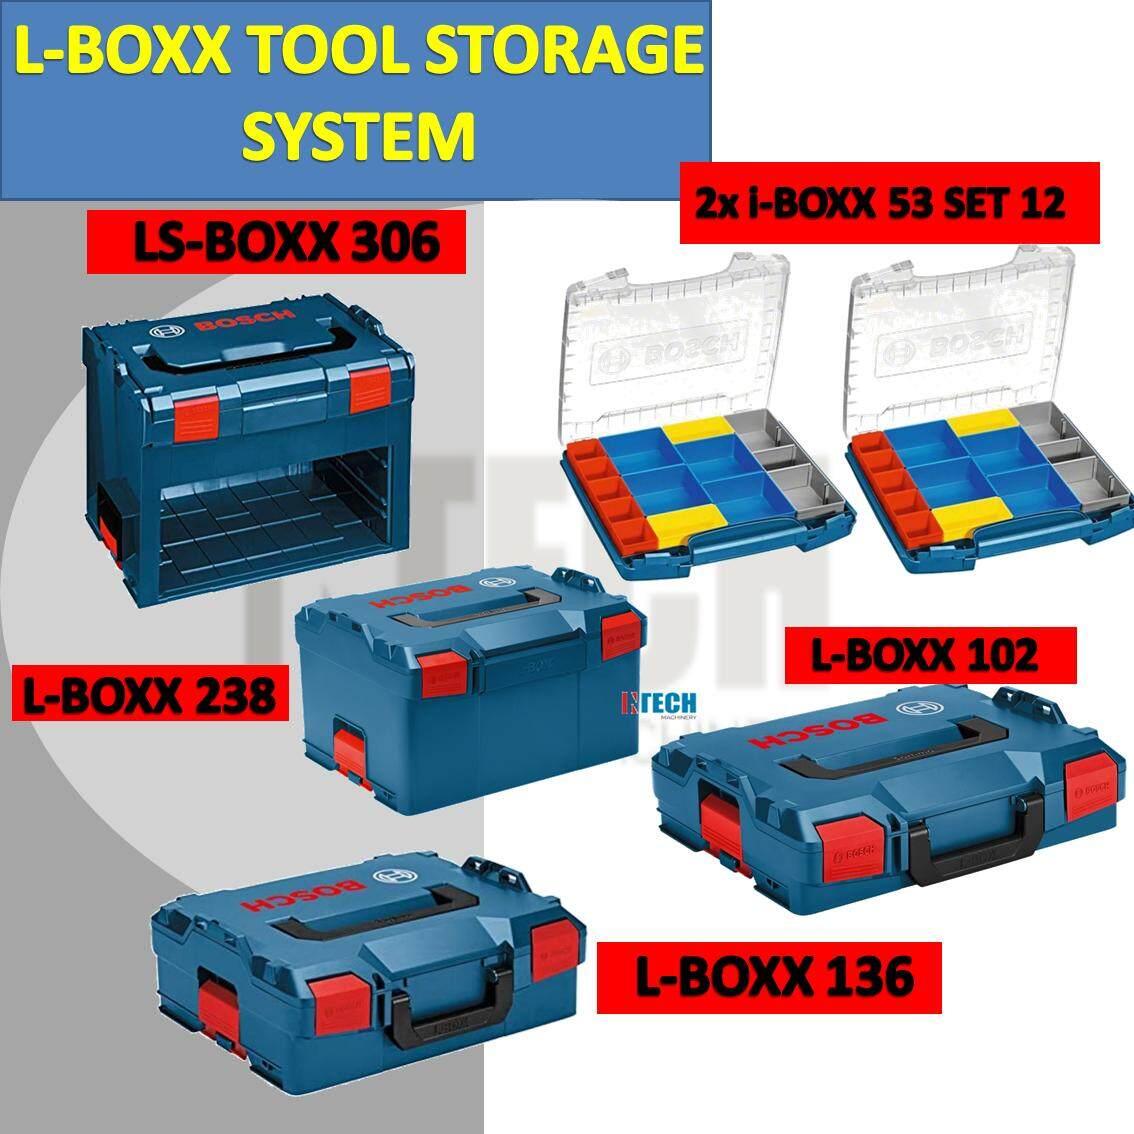 BOSCH L-BOXX TOOL STORAGE SYSTEM LS-BOXX 306 C/W 2 UNIT i-BOXX 53 SET12 +L-BOXX 238 + LBOXX 102 +LBOXX 136